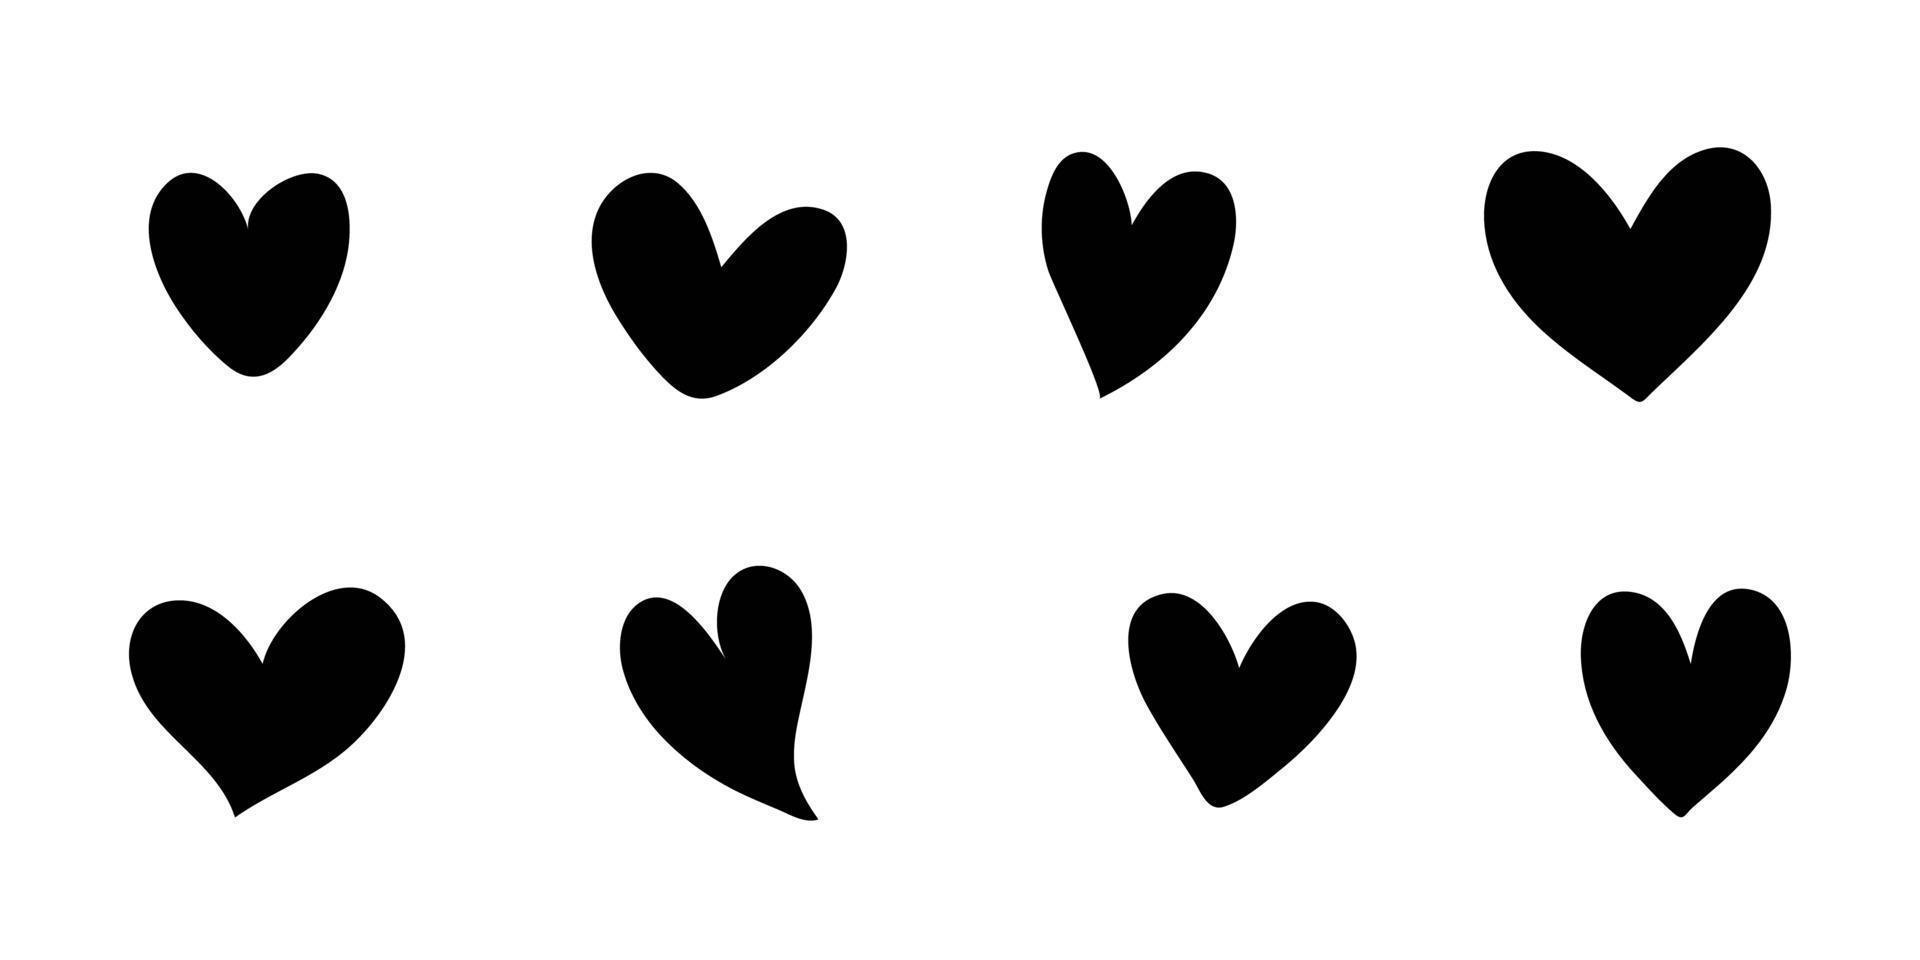 uppsättning valentine kärlek hjärtsymboler isolerade vektor pack handritade ikoner